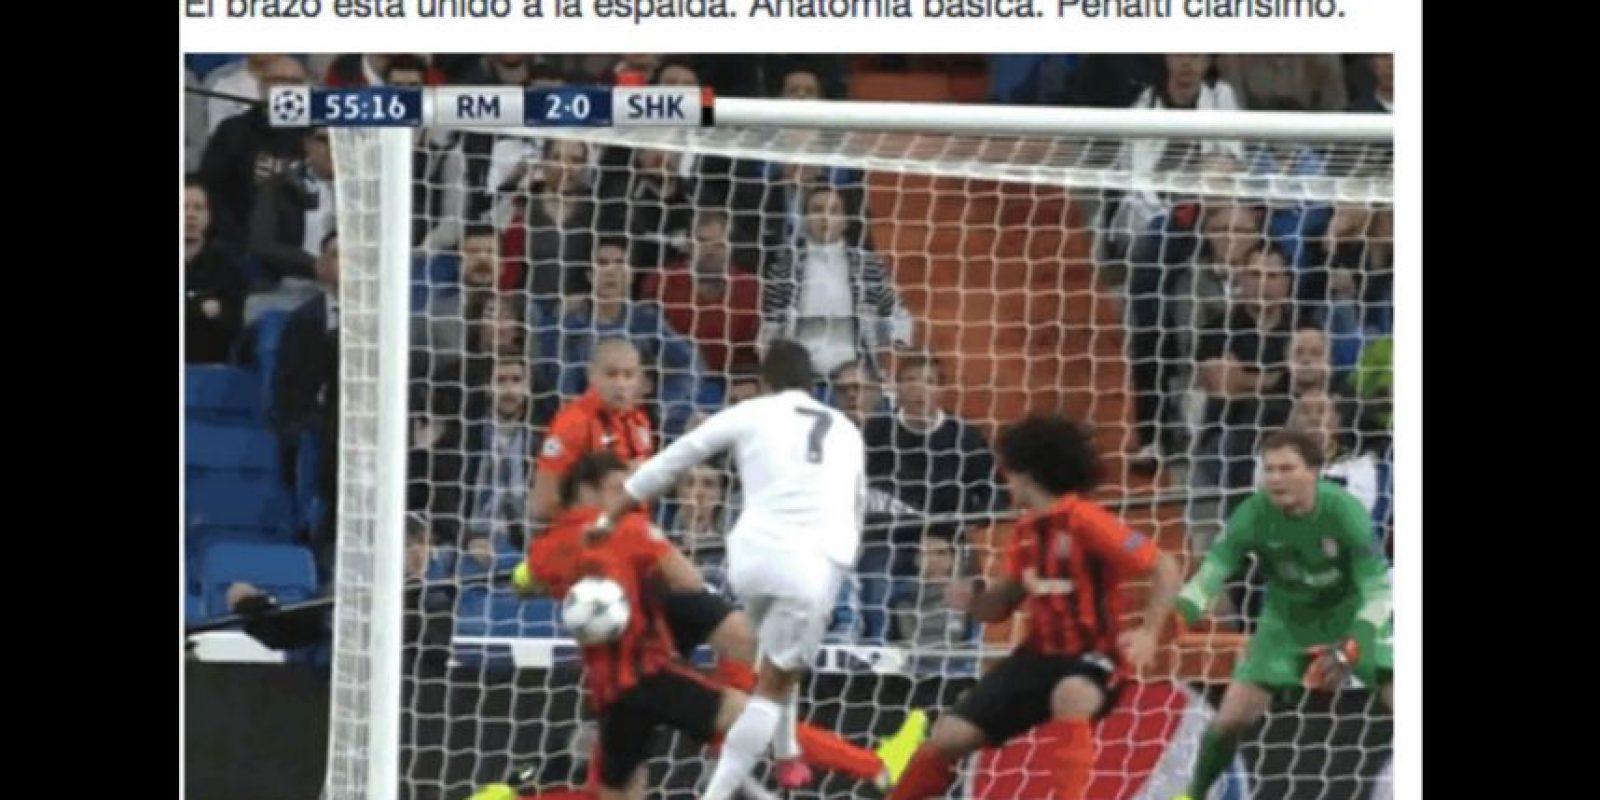 """Pero lo que se """"robó"""" la noche, fueron los dos penales que le marcaron a Cristiano Ronaldo. Foto:Vía twitter.com/lloutin"""